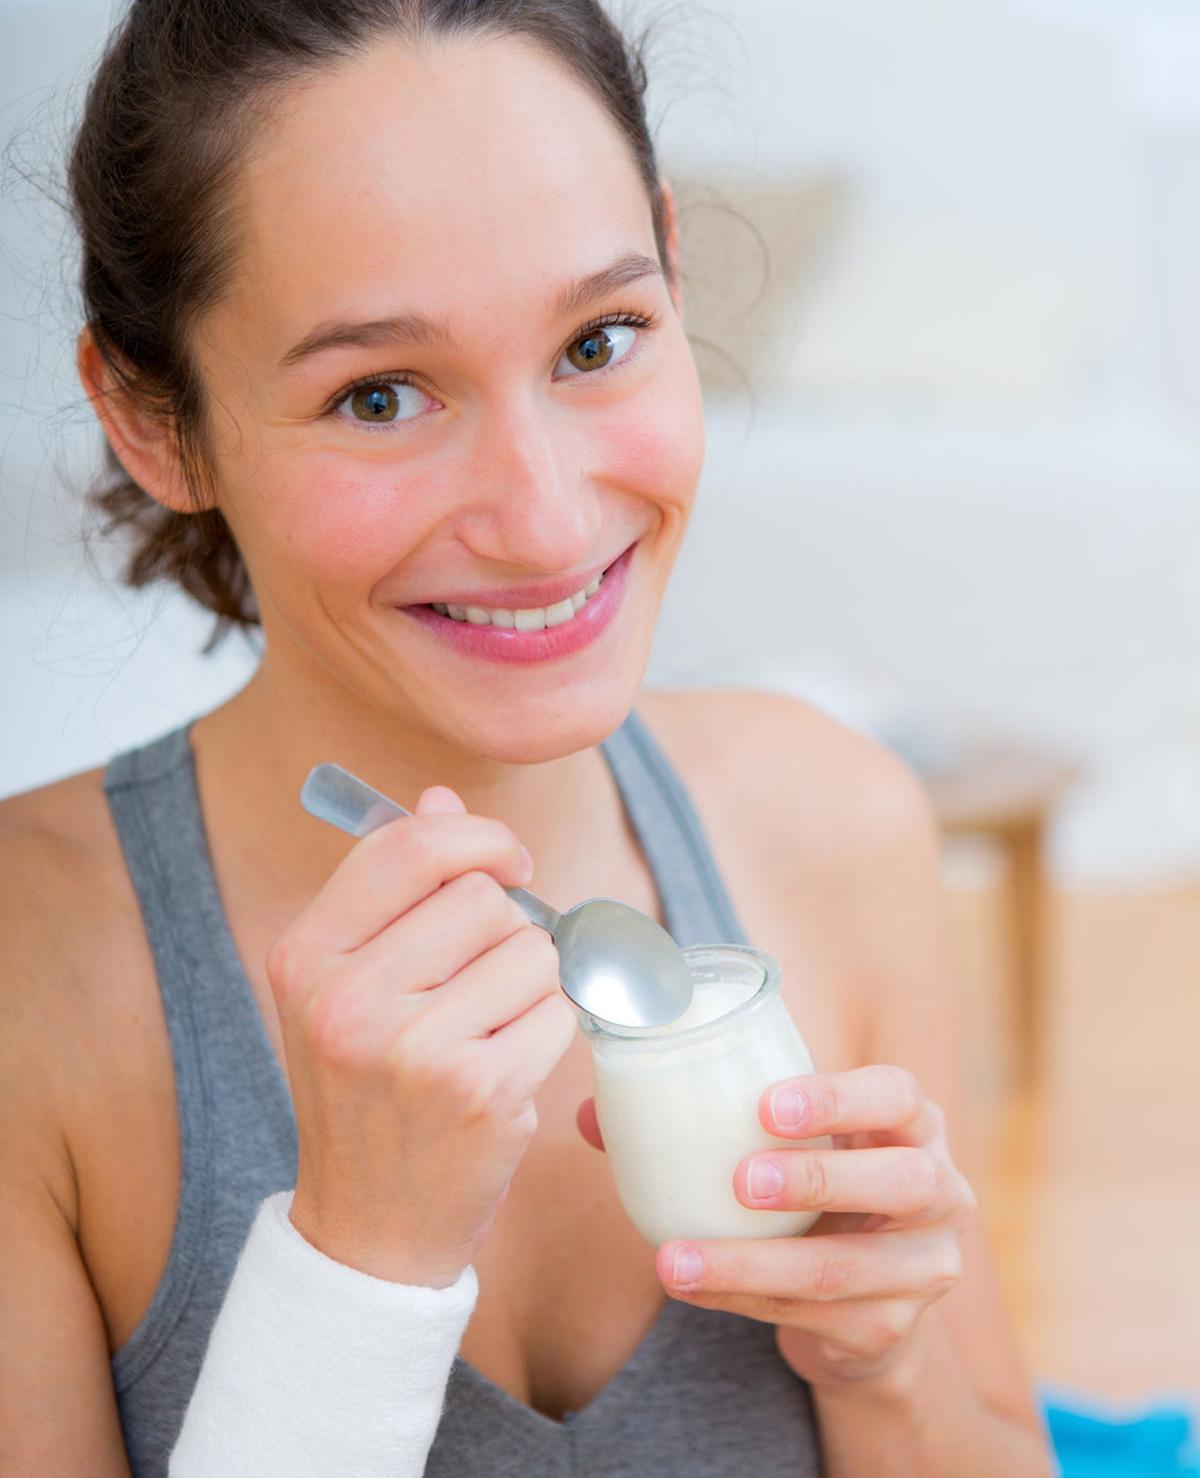 Opdracht Mieke week 1: Hoe wil jij met eten, gezondheid & je lichaam omgaan?